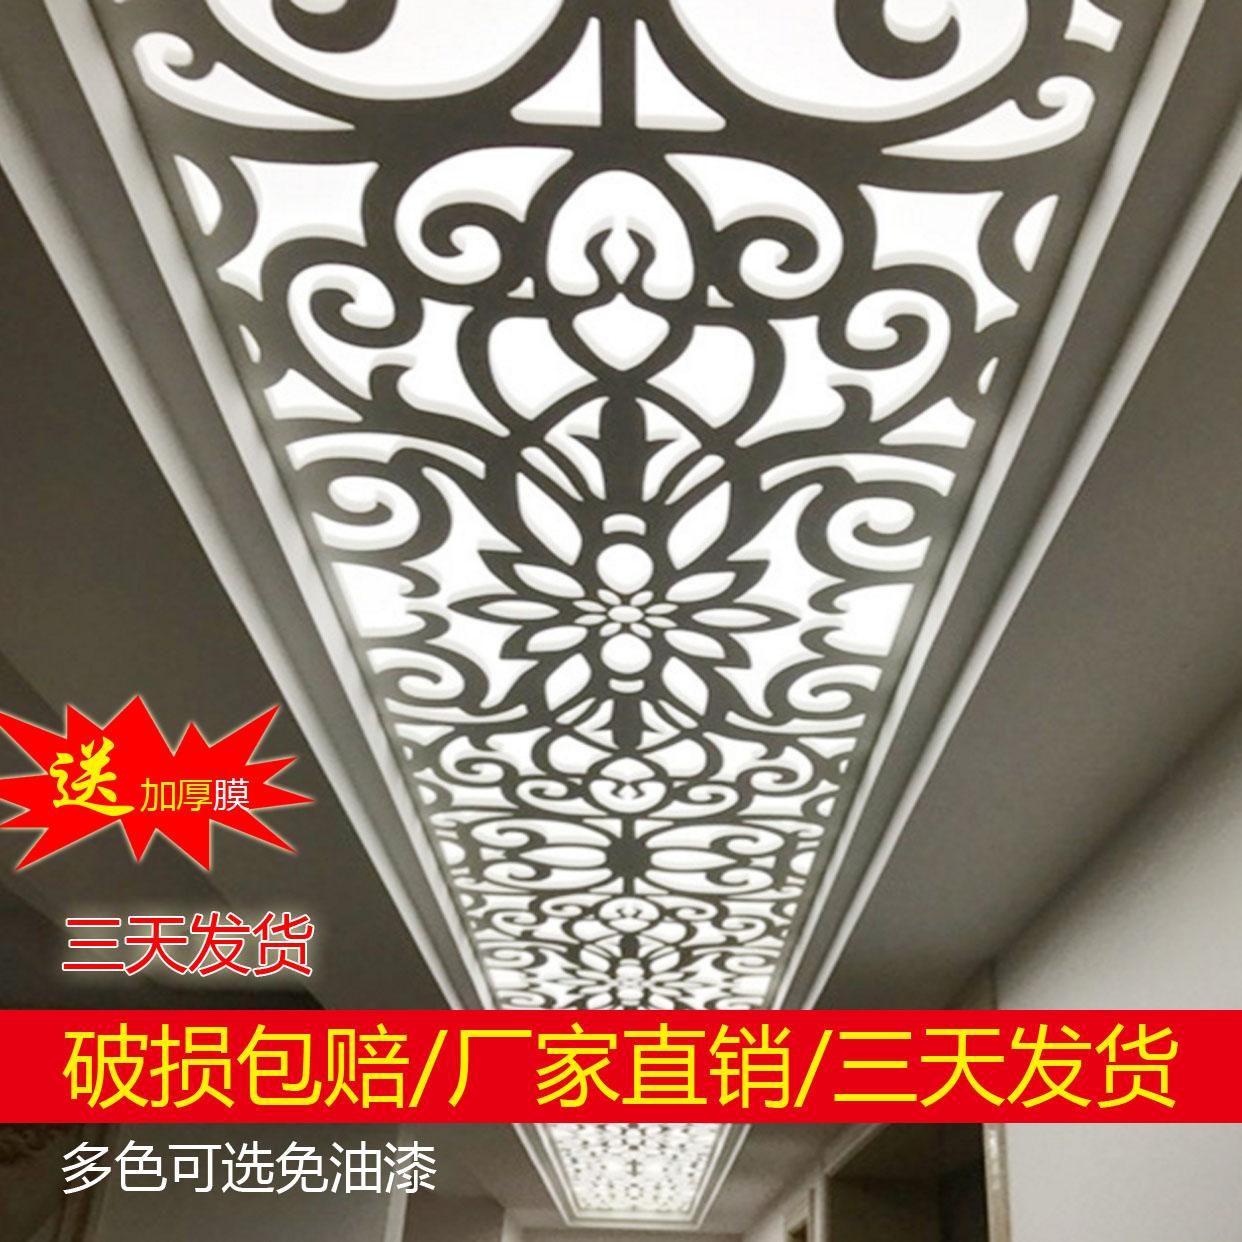 美北欧式高密度木塑板PVC镂空雕花板实木吊顶花格天花屏风通花板